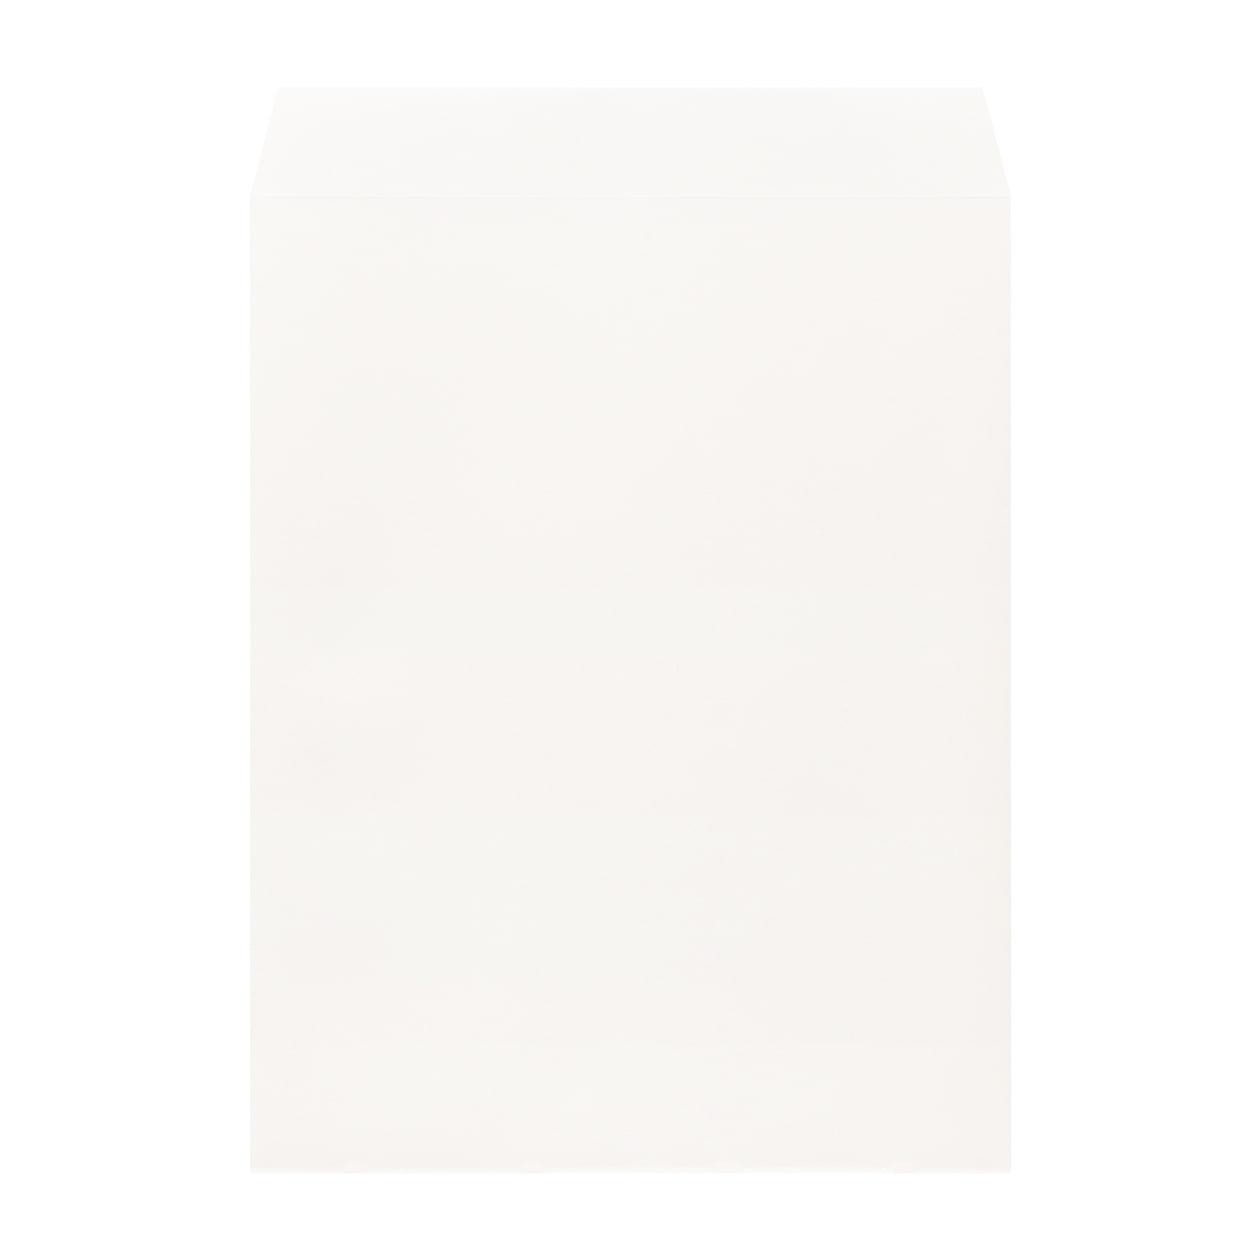 角3封筒 HAGURUMA Basic ソフトクリーム 100g